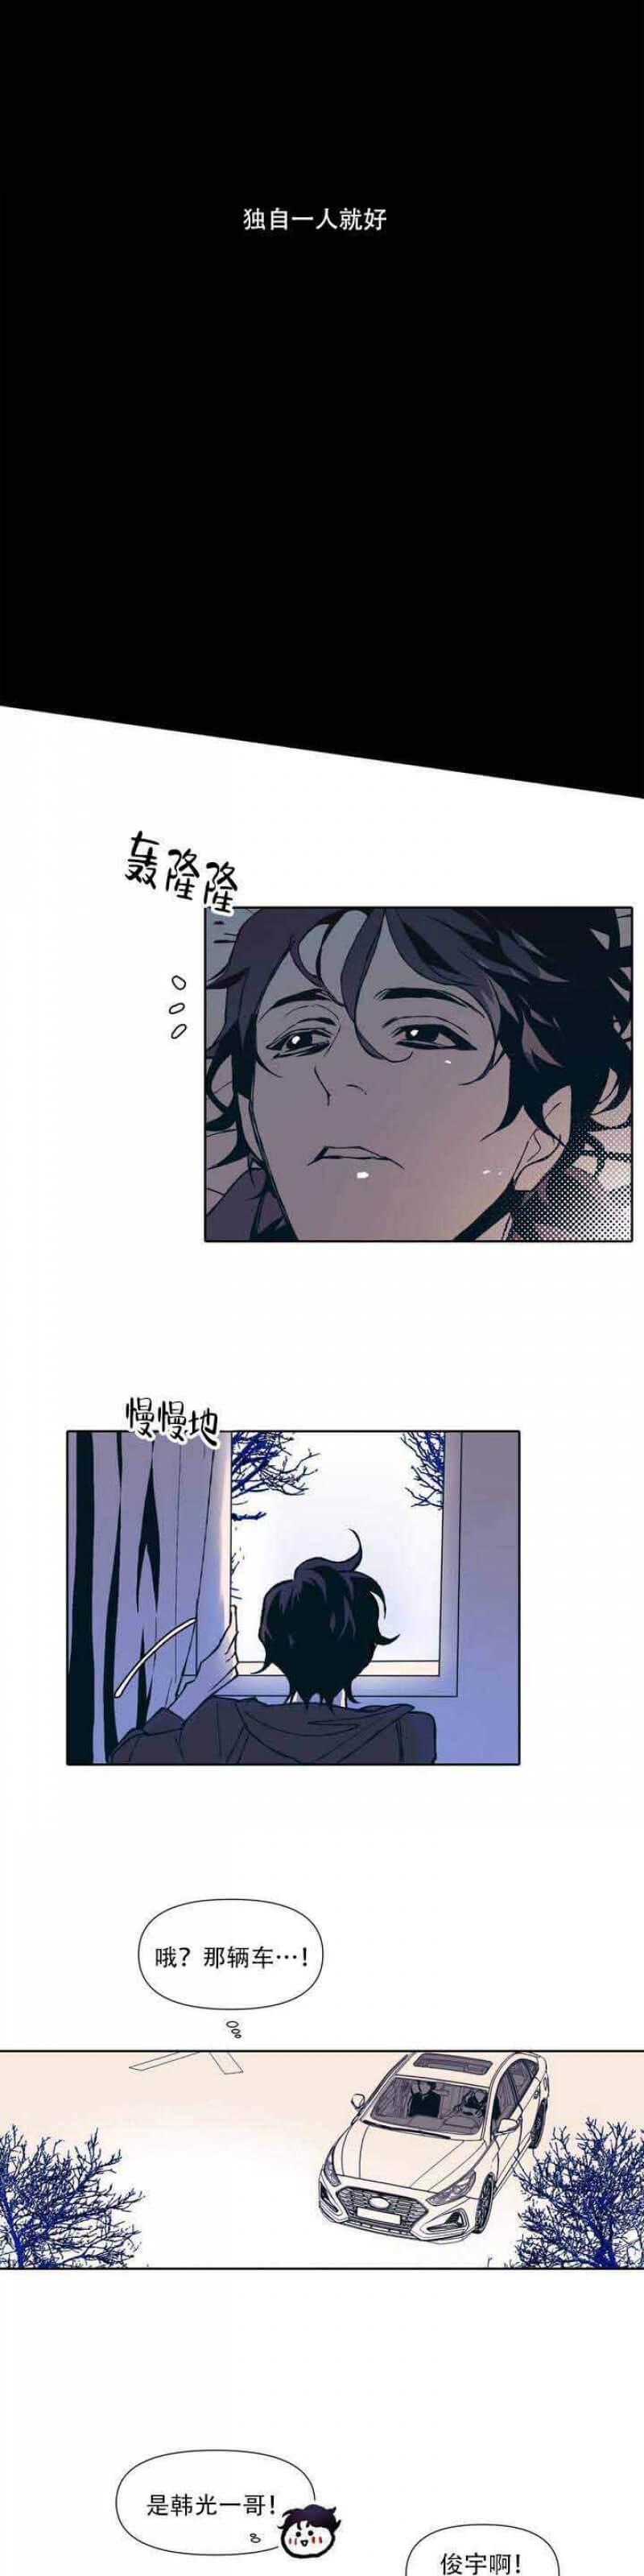 韩漫 |《偶然同居》偶然的同居,偶然的爱情!  第9张